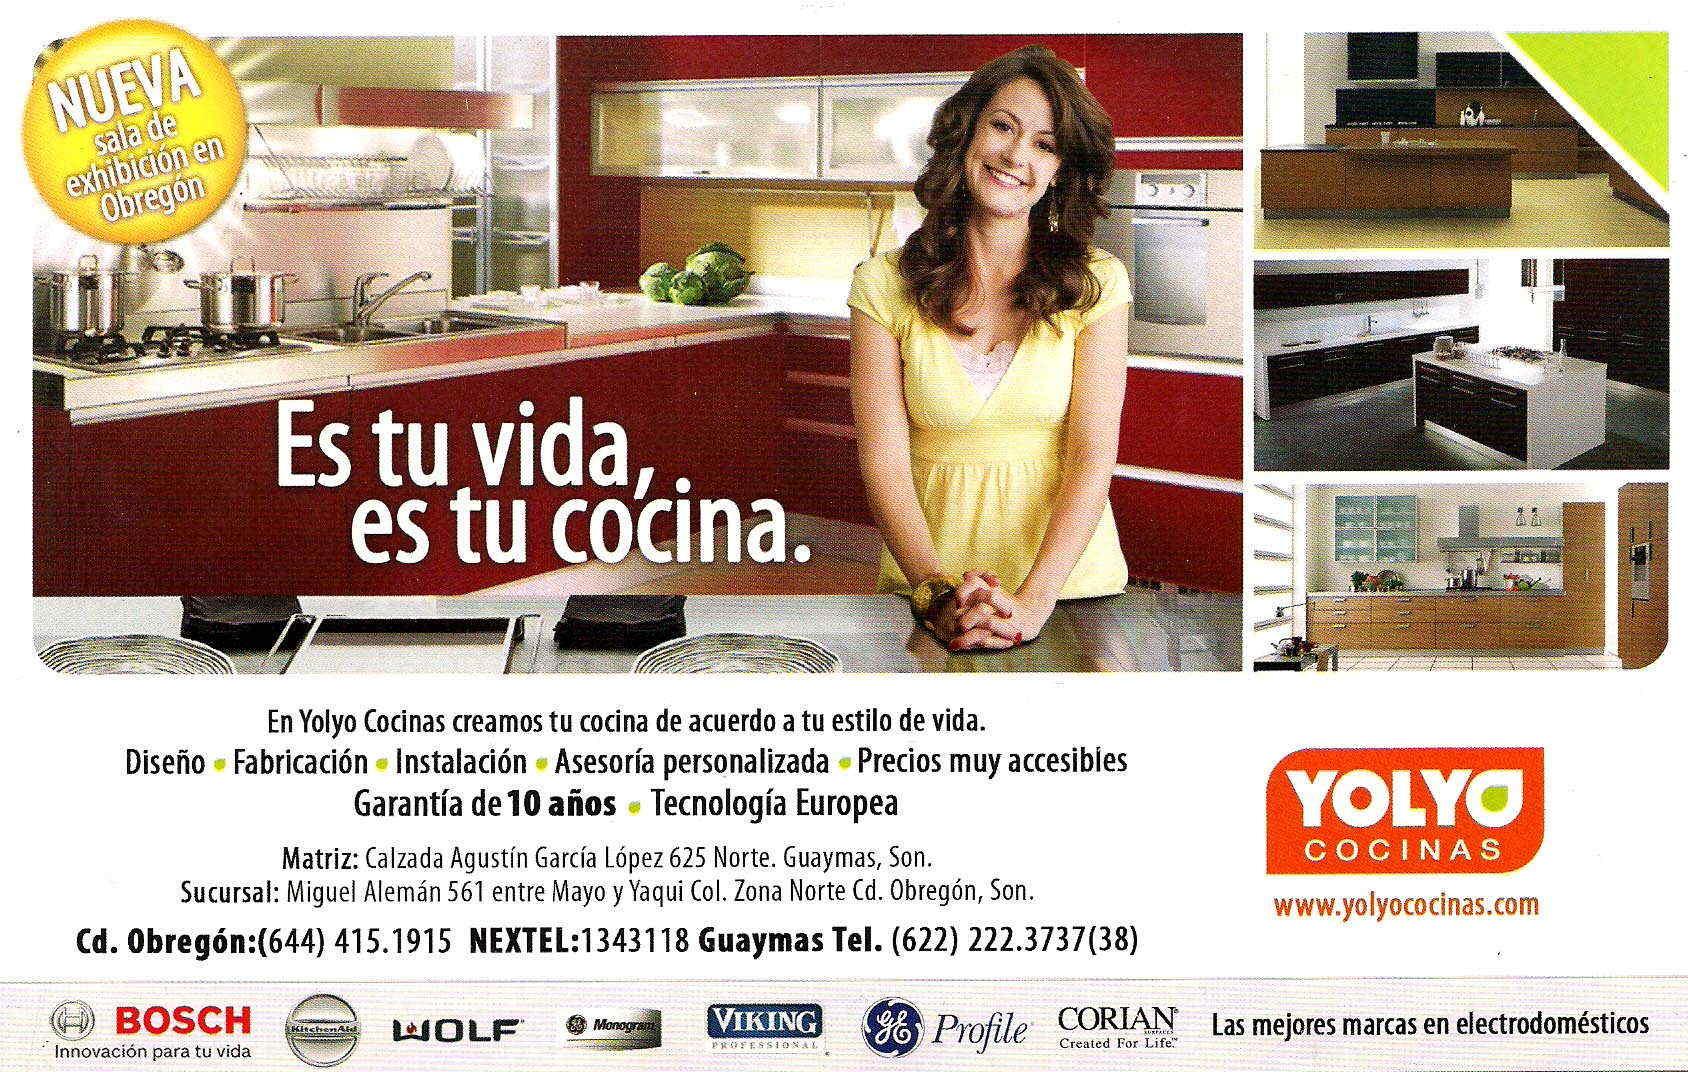 yolyo cocinas en ciudad obreg n anunciado por